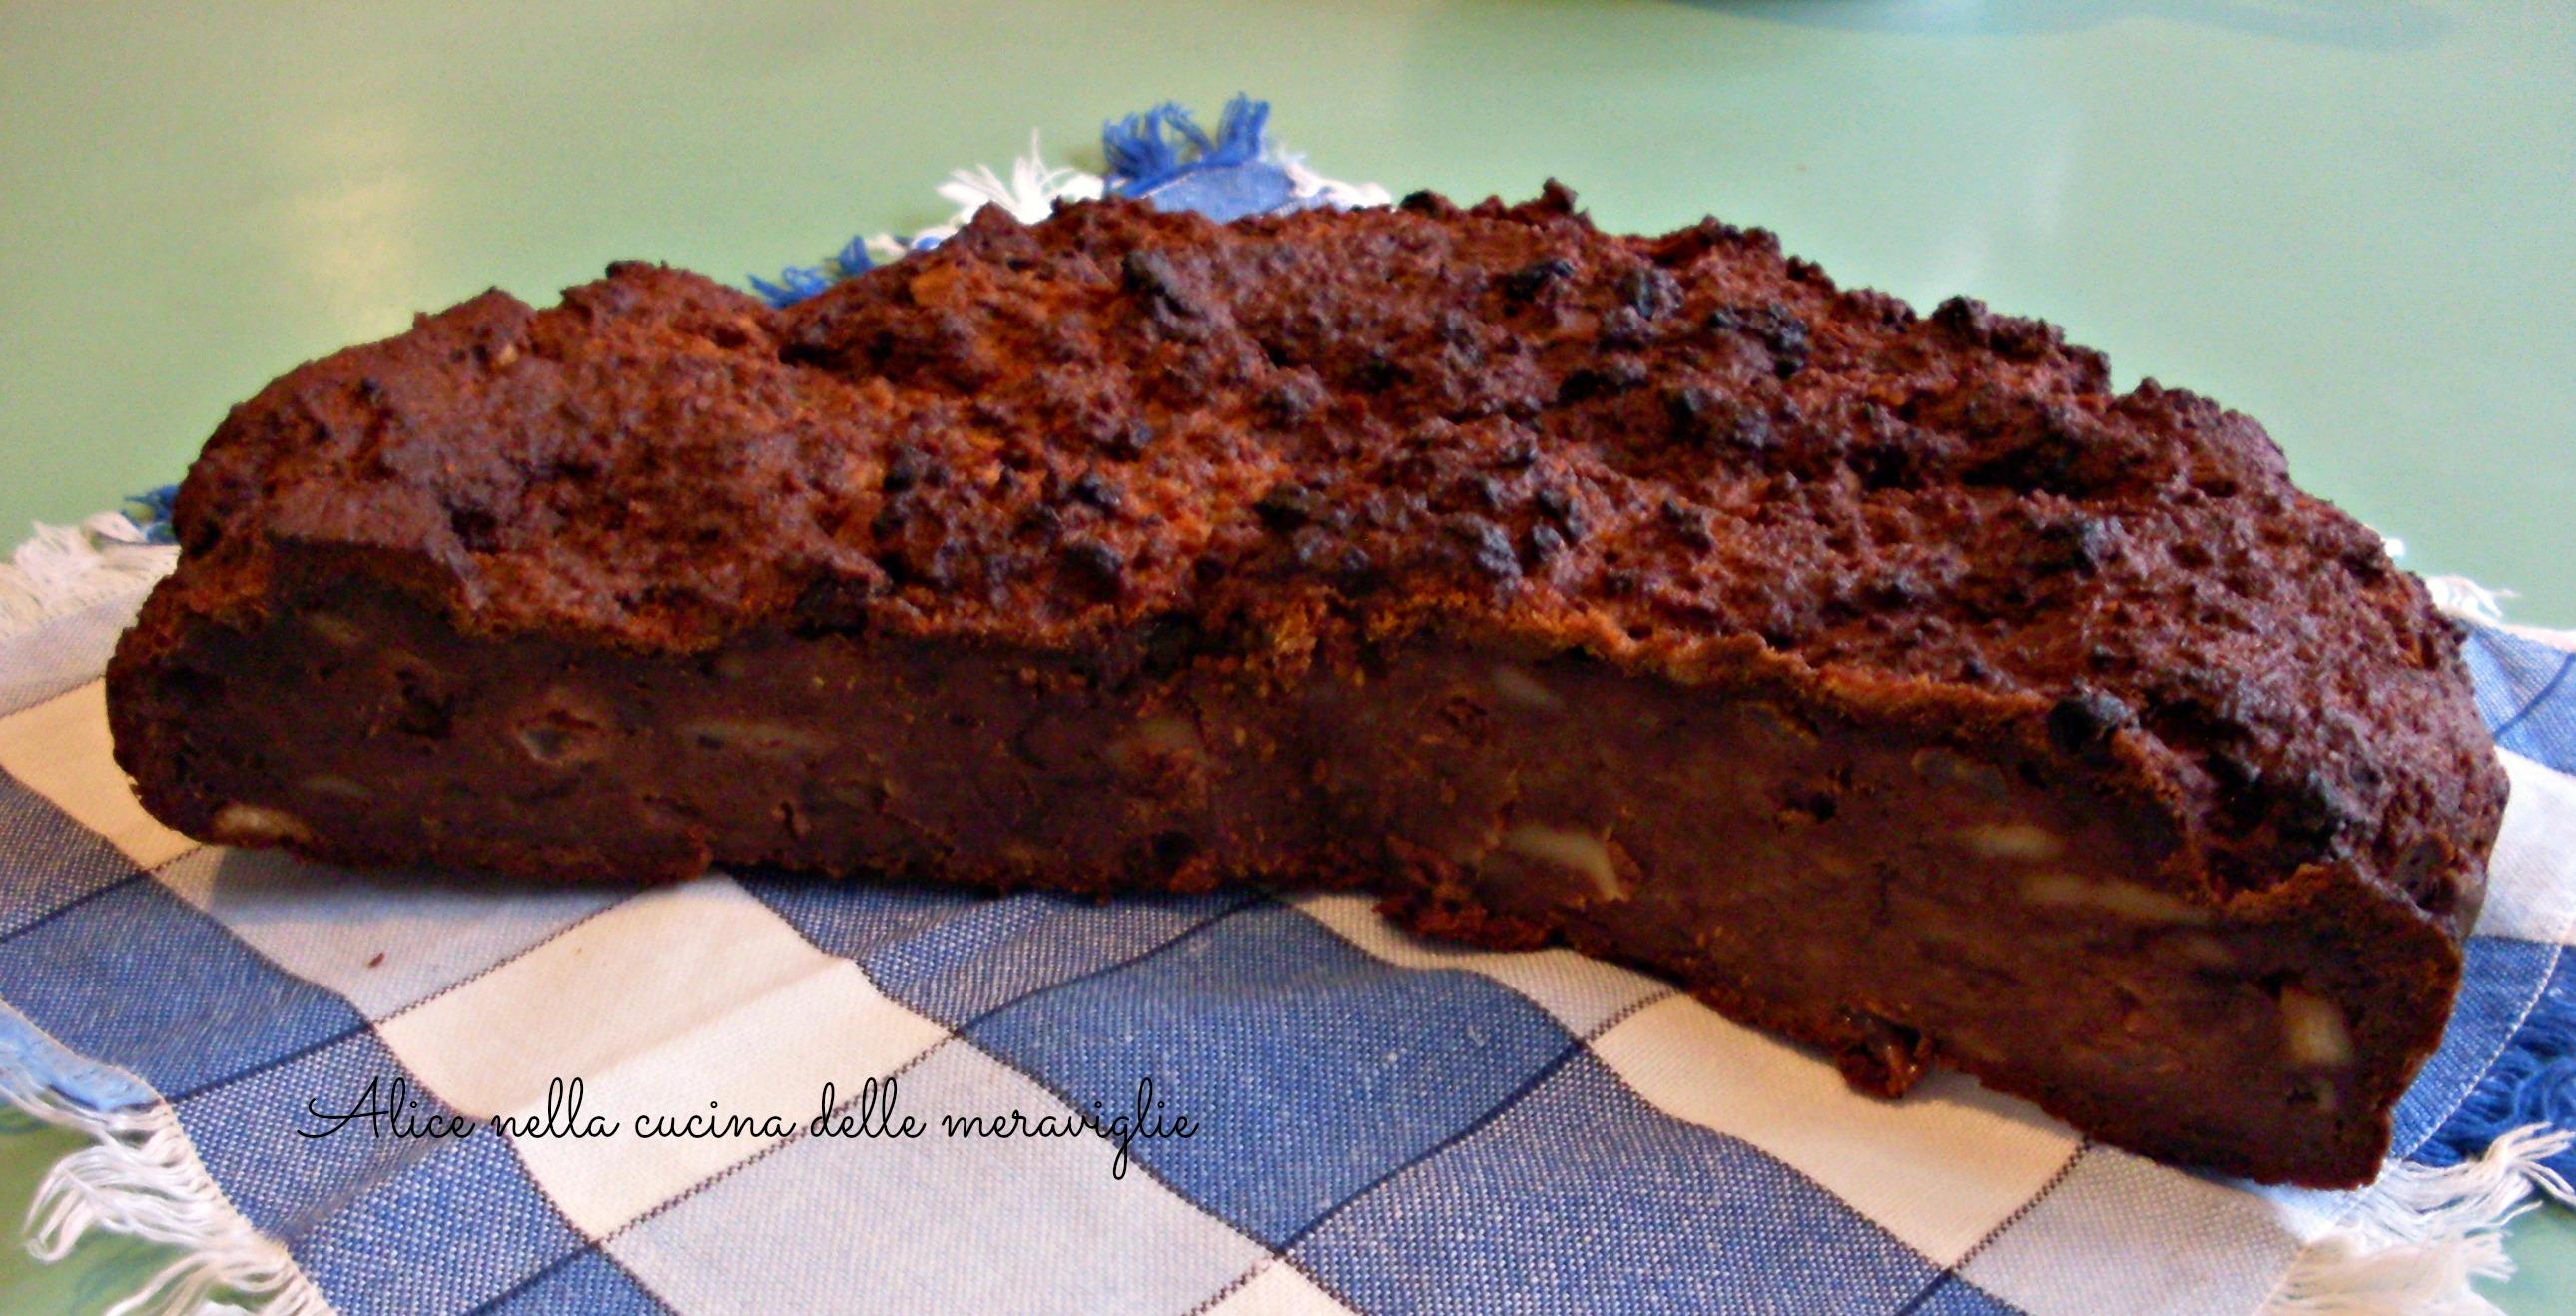 Torta del pane Ricetta dolce Alice nella cucina delle meraviglie